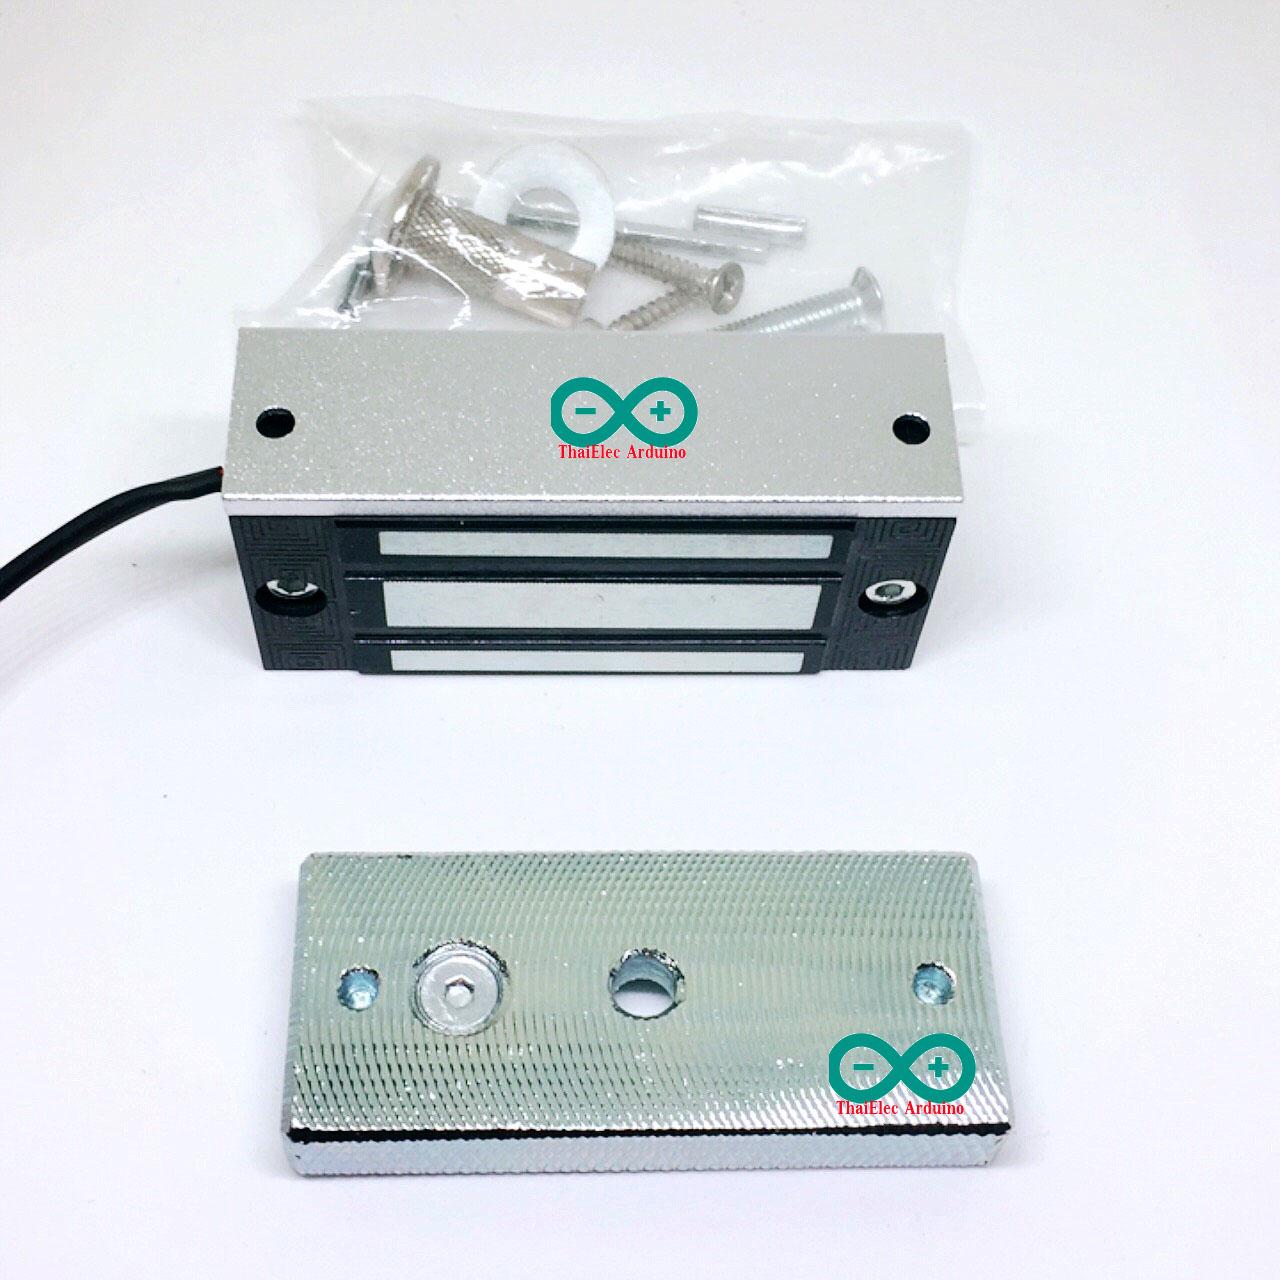 กลอนแม่เหล็กไฟฟ้า กลอนไฟฟ้า Magnetic Lock 60 kg 24V (Amode)